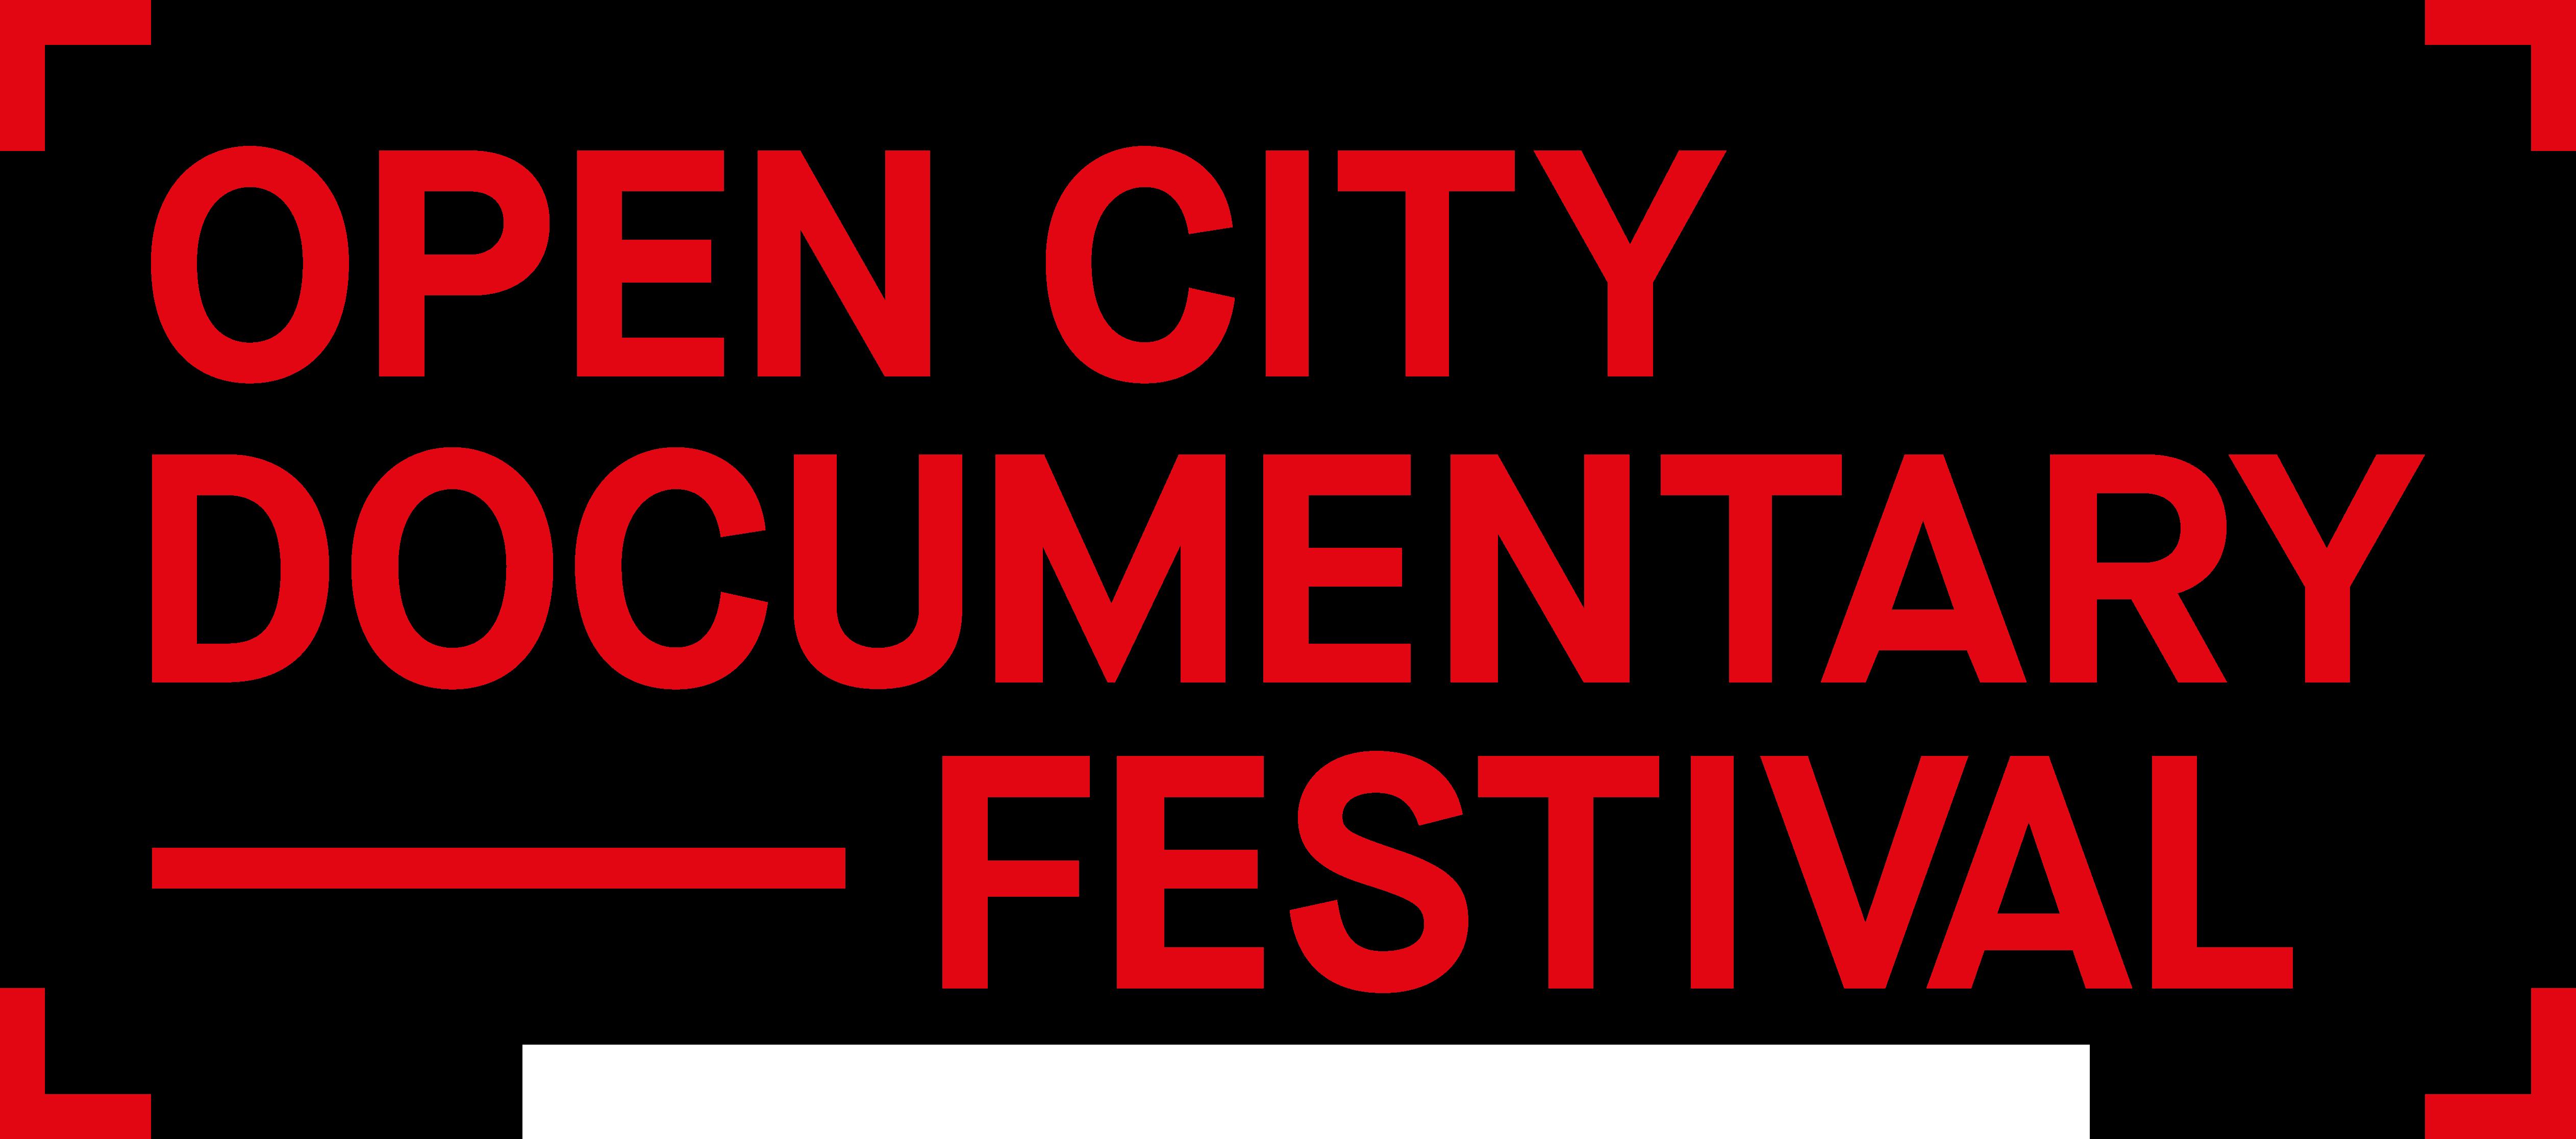 Open City Documentary Festival Logo